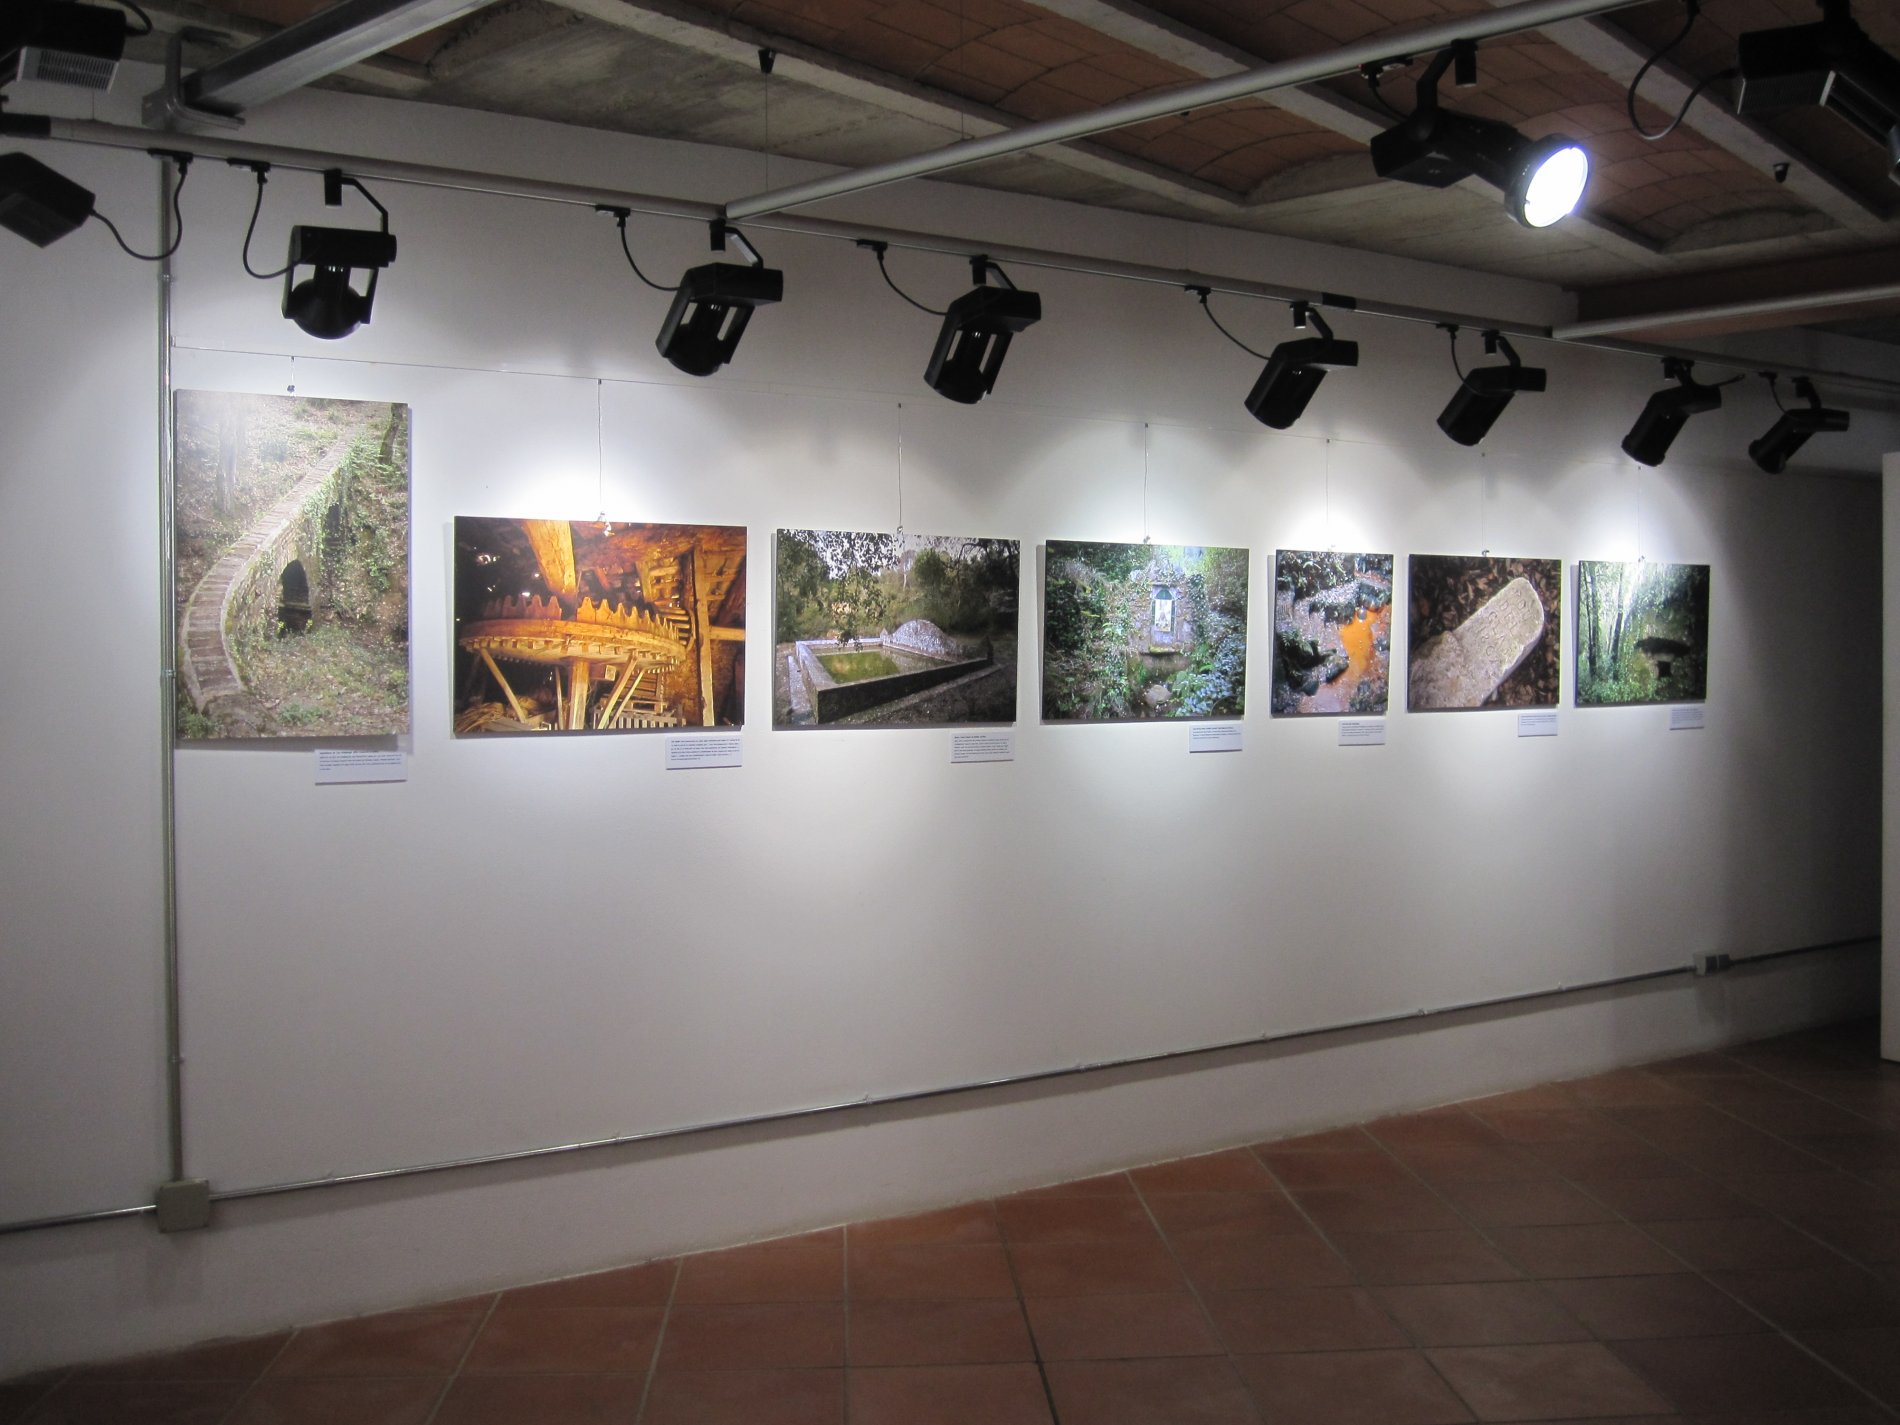 Muntatge de l'exposició al voltant dels elements etnològics de les Gavarres, amb fotografies d'Ernest Costa.